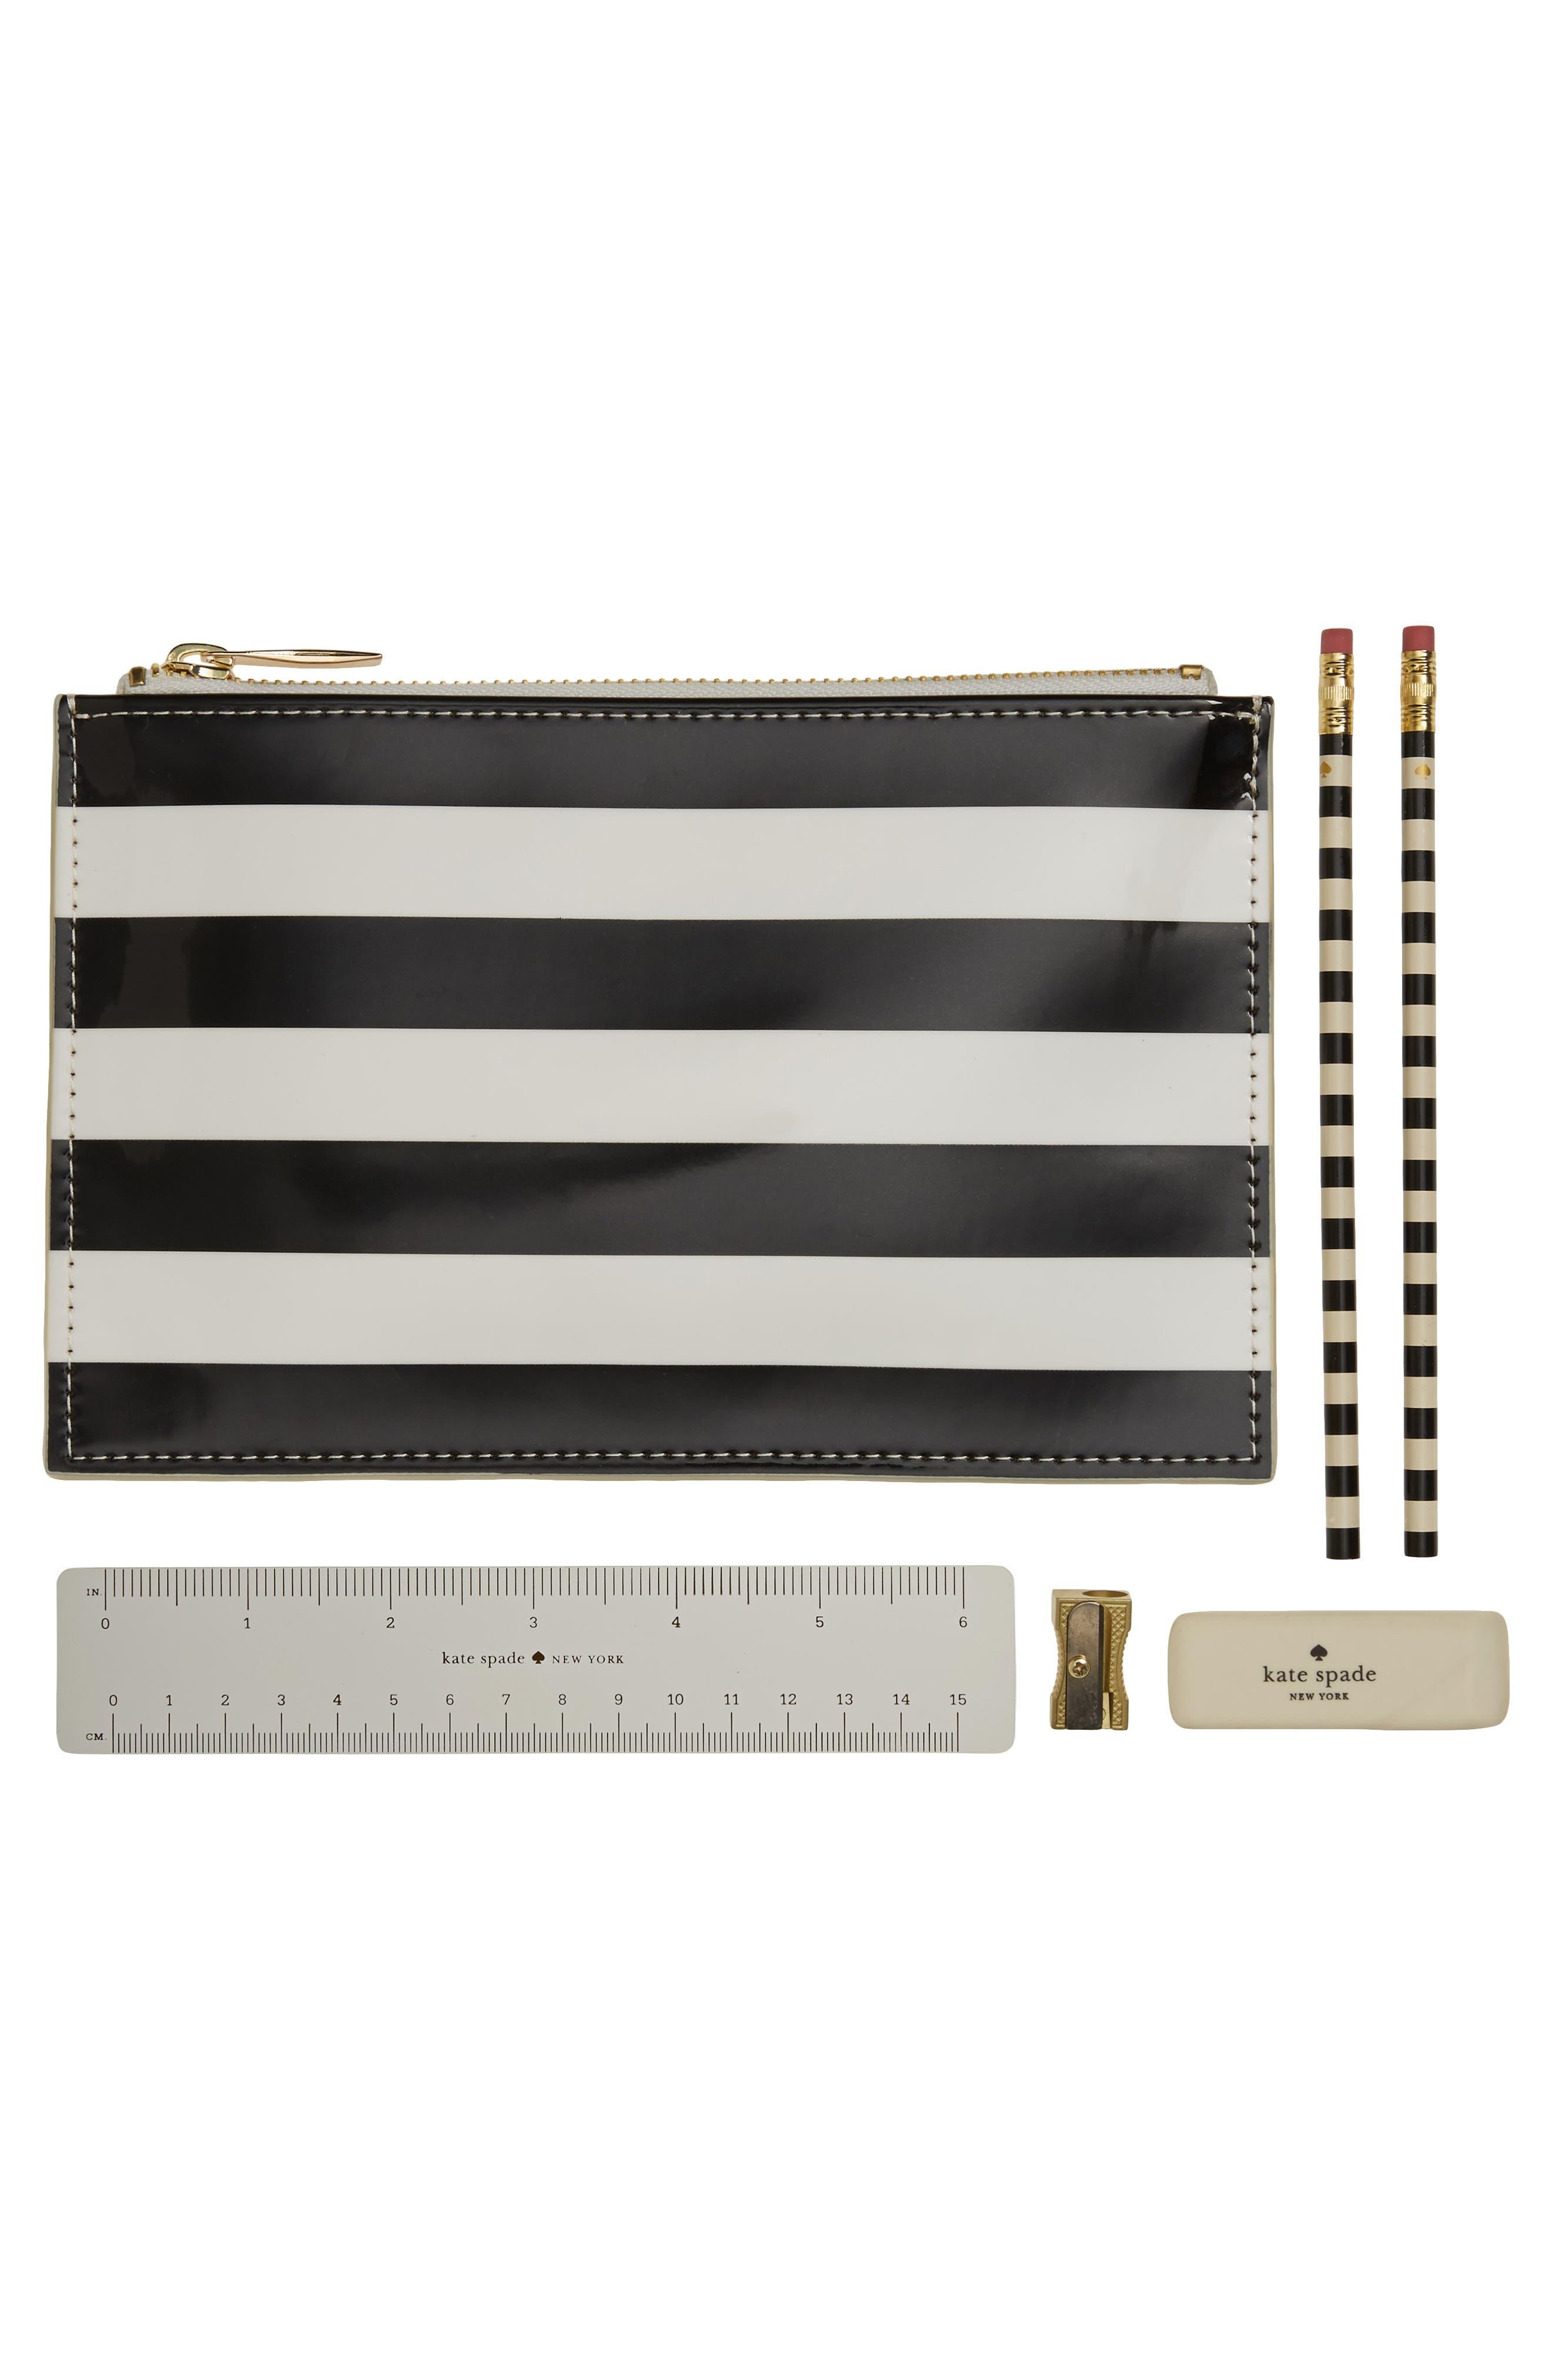 kate spade new york stripe pencil pouch set